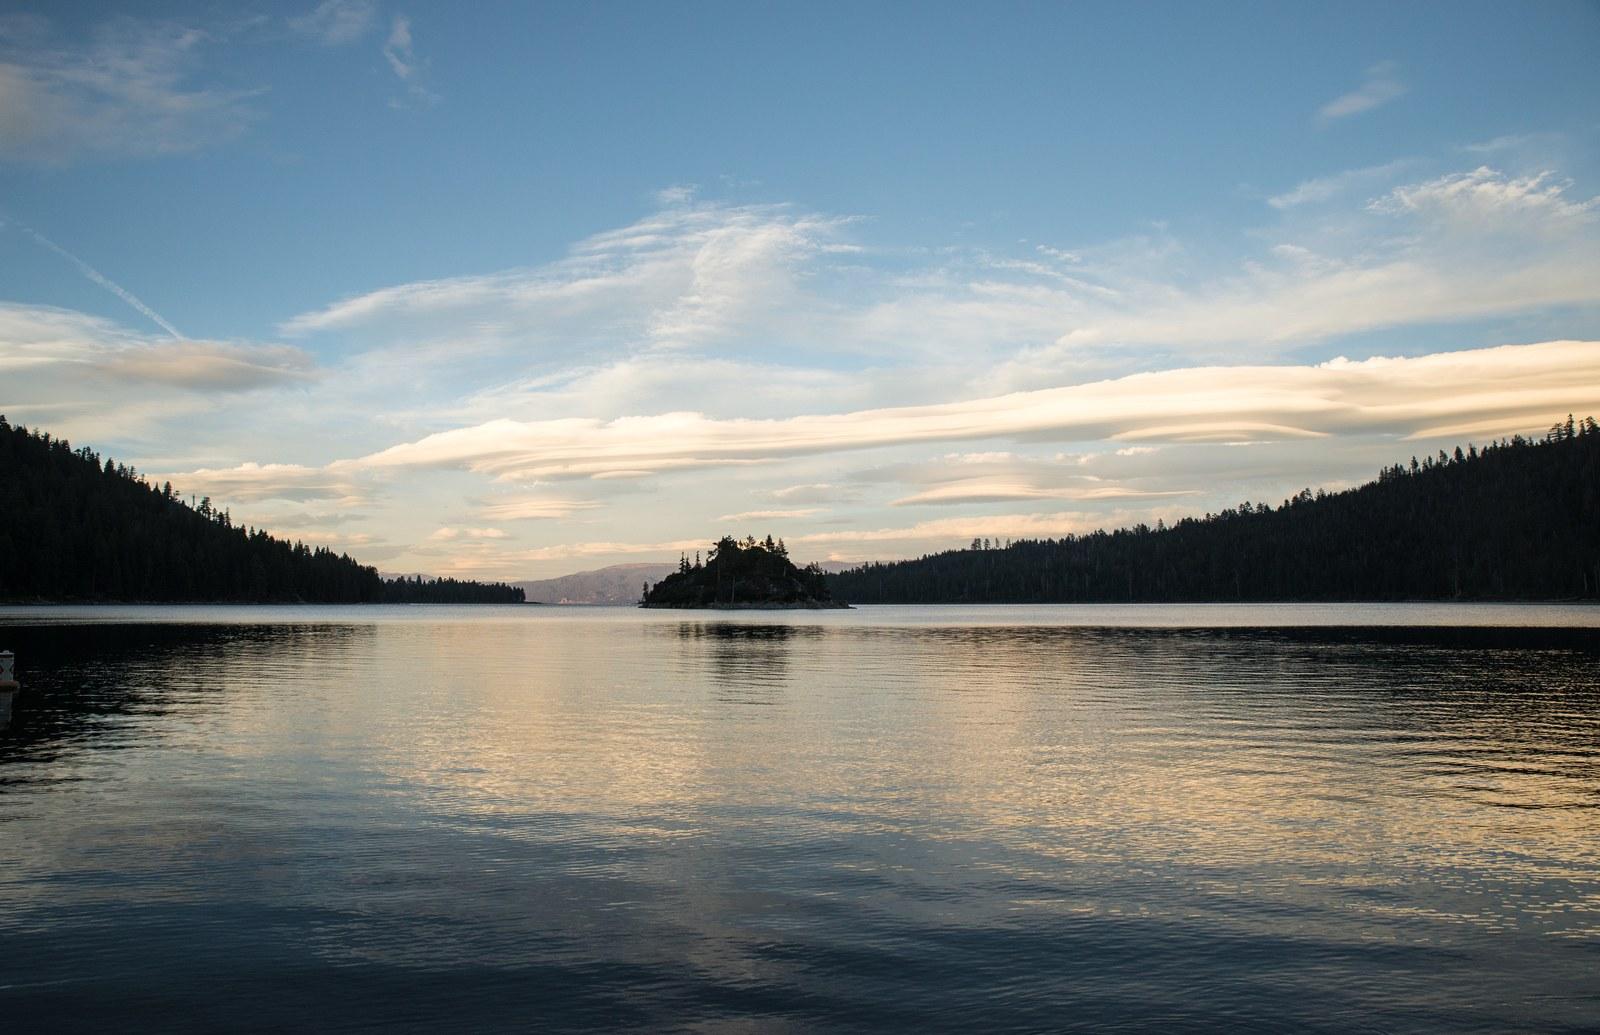 lac coucher de soleil - photo #24